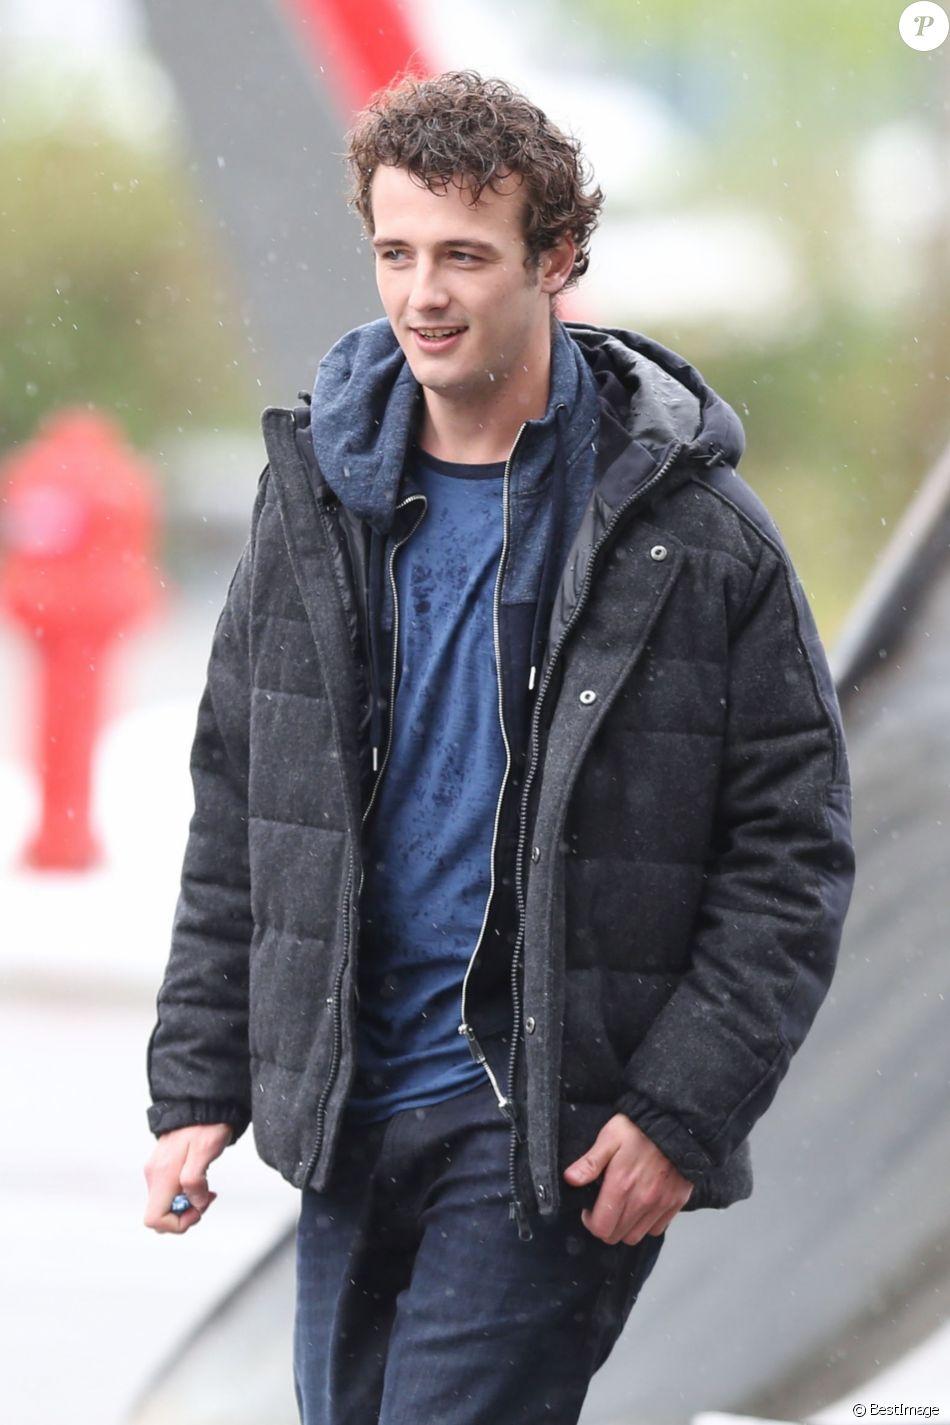 """Exclusif -MicheálRichardson(fils de Liam Neeson) sur le tournage d'une scène du film """"Hard Powder"""" à Vancouver, Canada, le 2 mai 2017."""